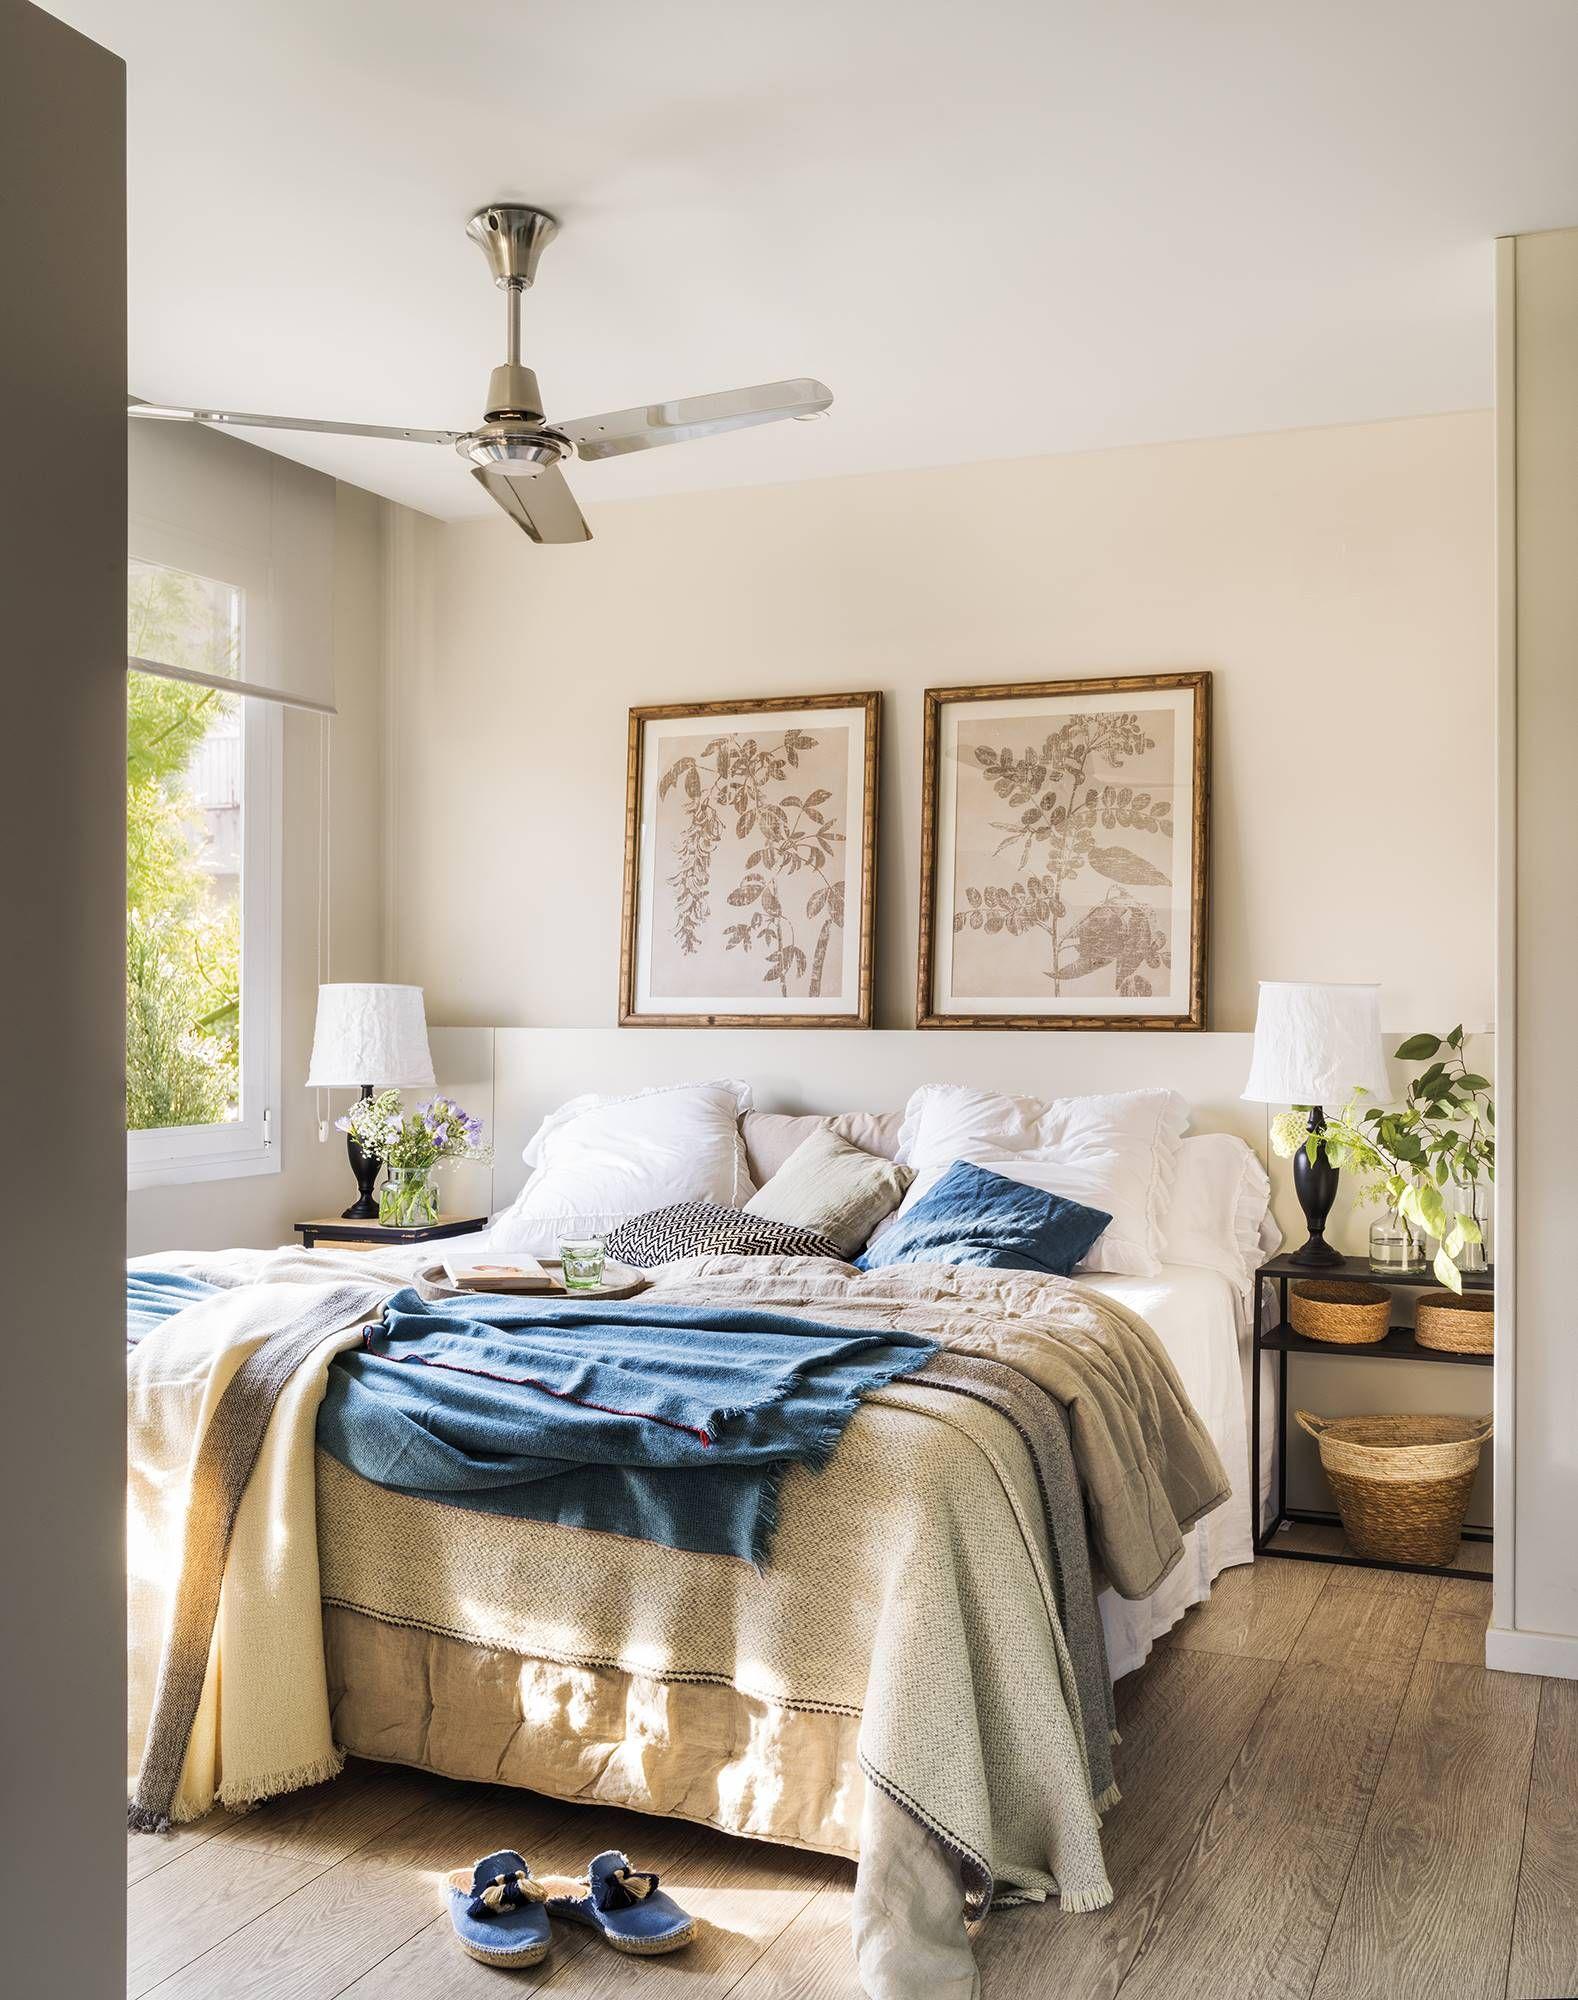 Un dormitorio tranquilo en 2019 dormitorios modernos y - Decoracion armarios dormitorios ...